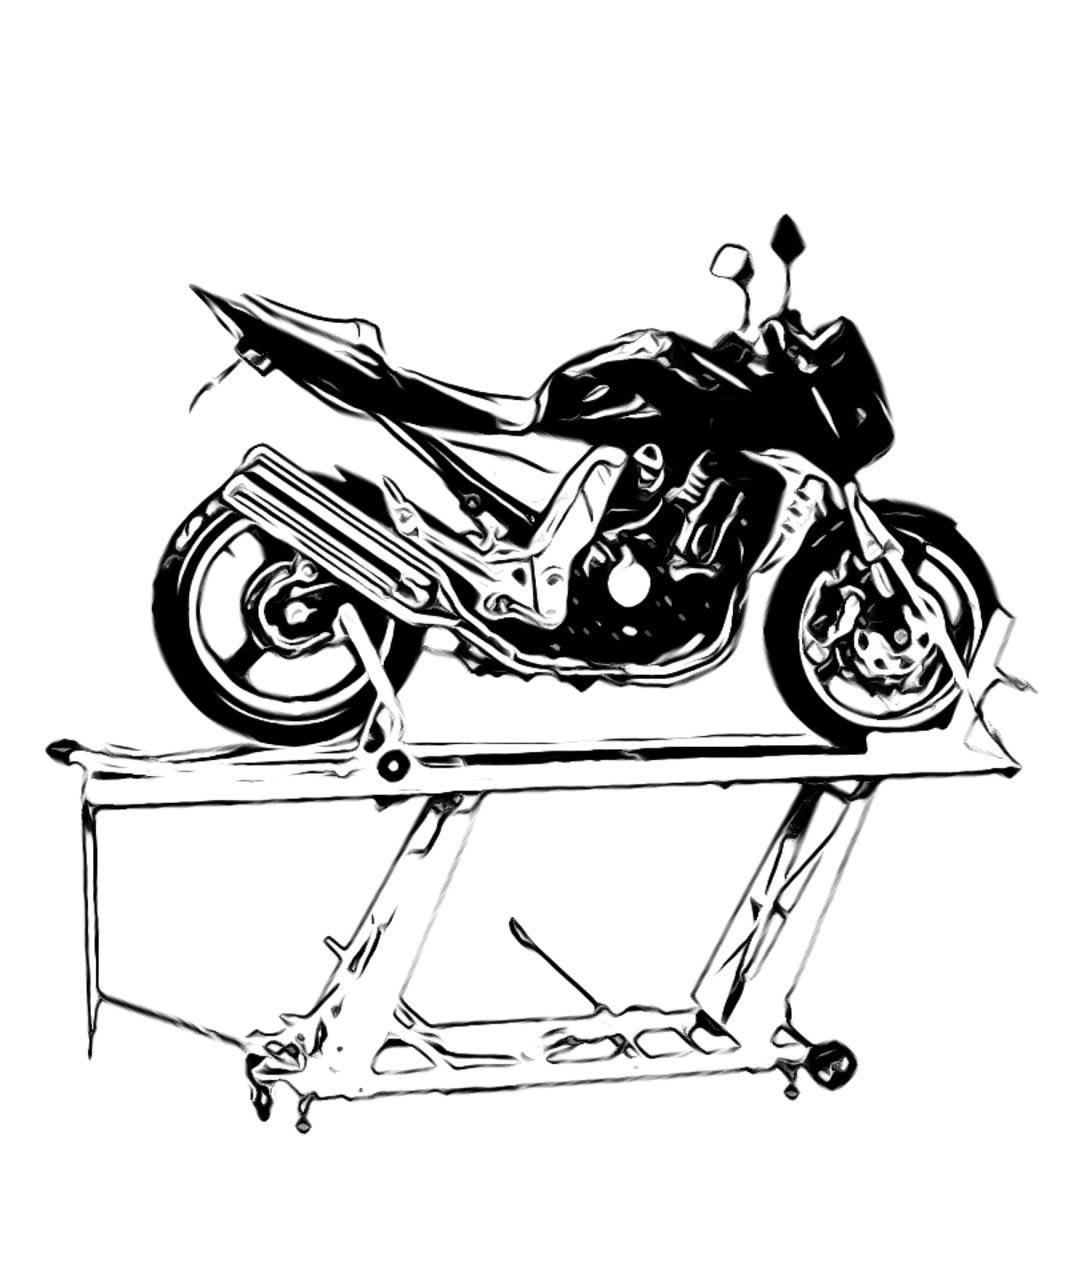 جک موتورسیکلت